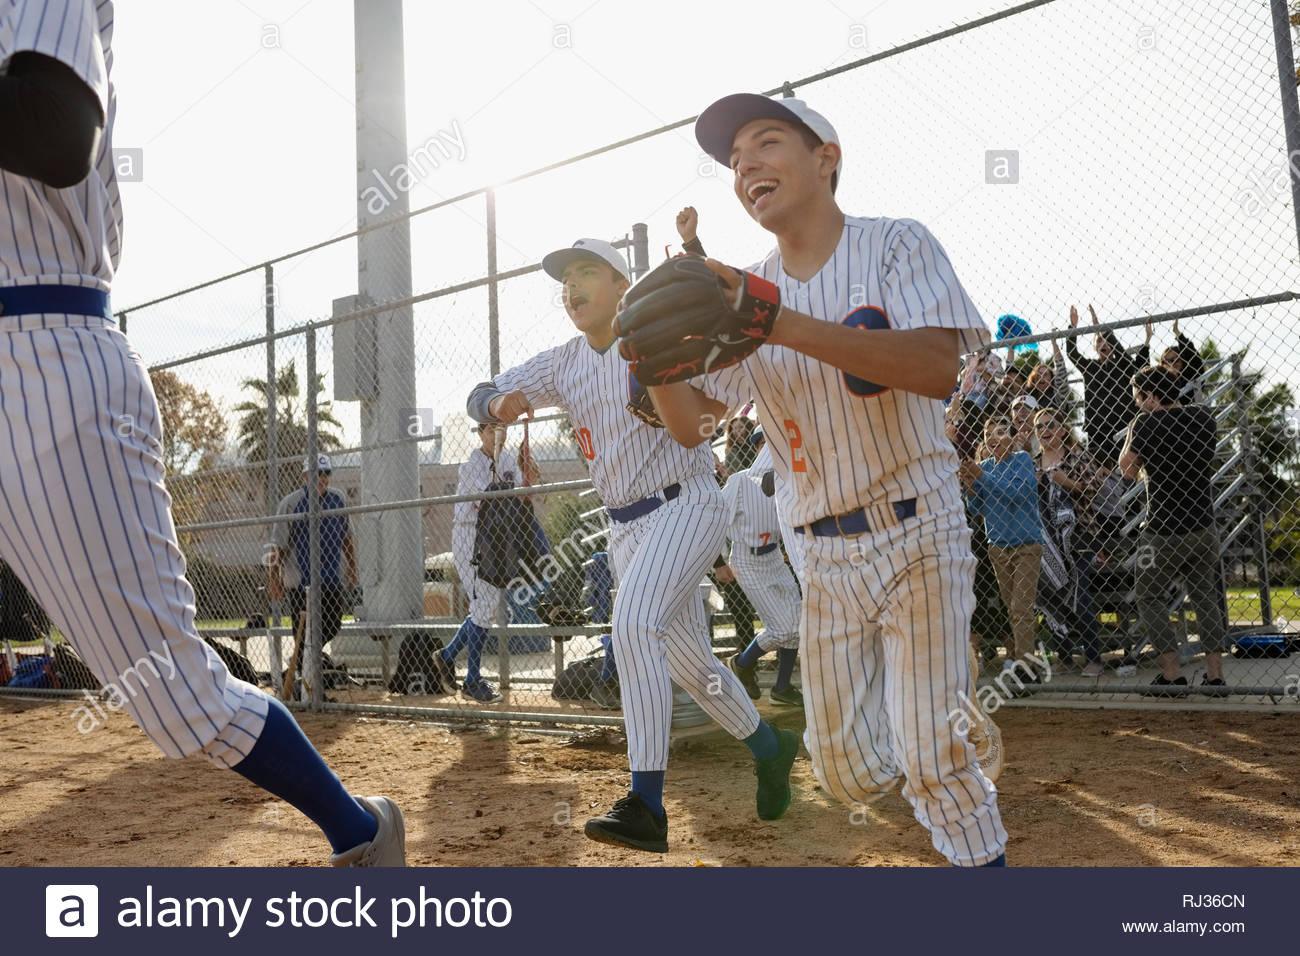 Emozionato i giocatori di baseball in esecuzione sul campo Immagini Stock